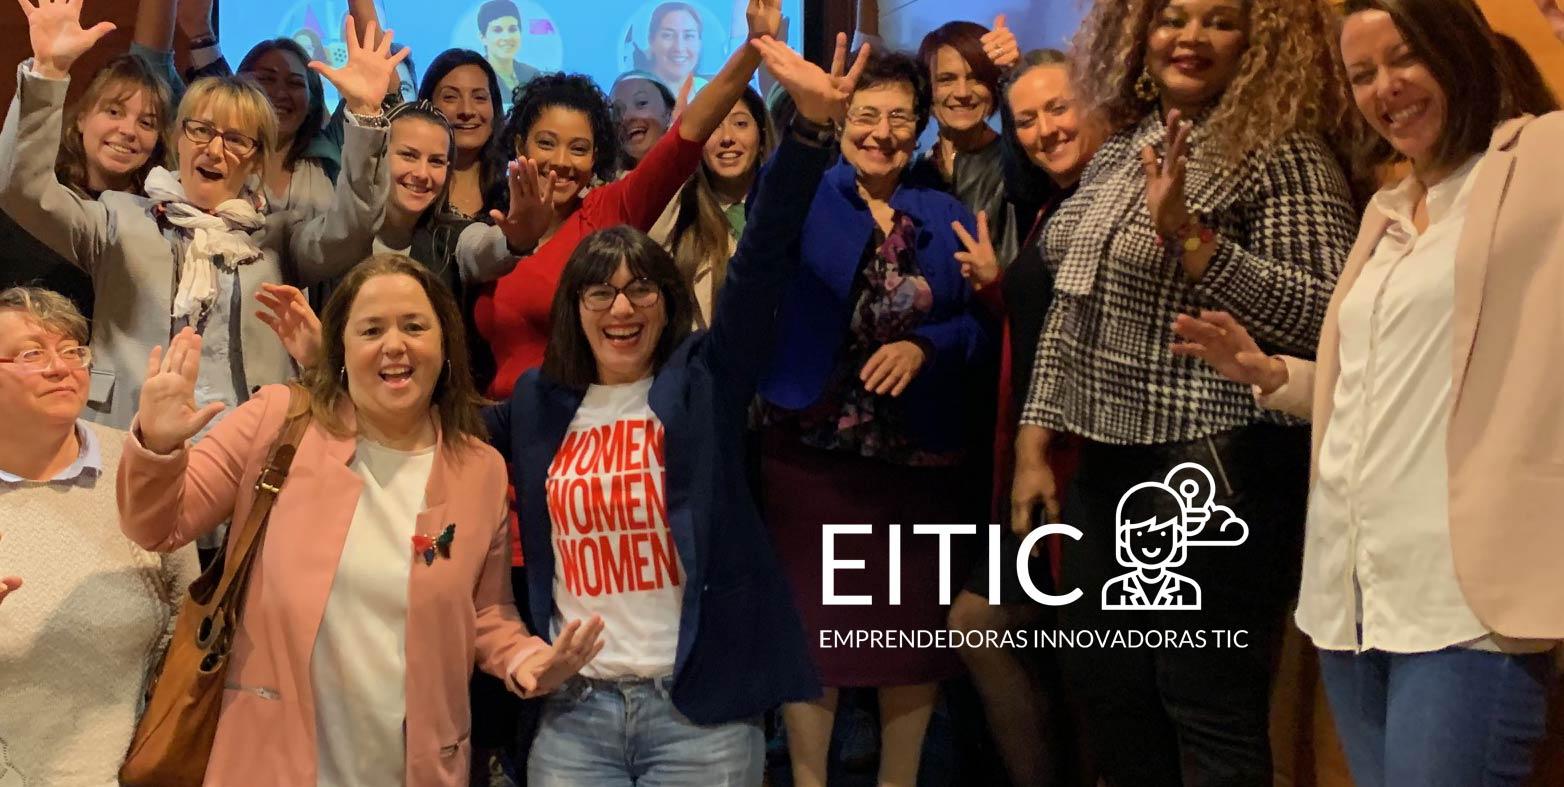 Continúan los pilotos EITIC: impulsando el emprendimiento femenino